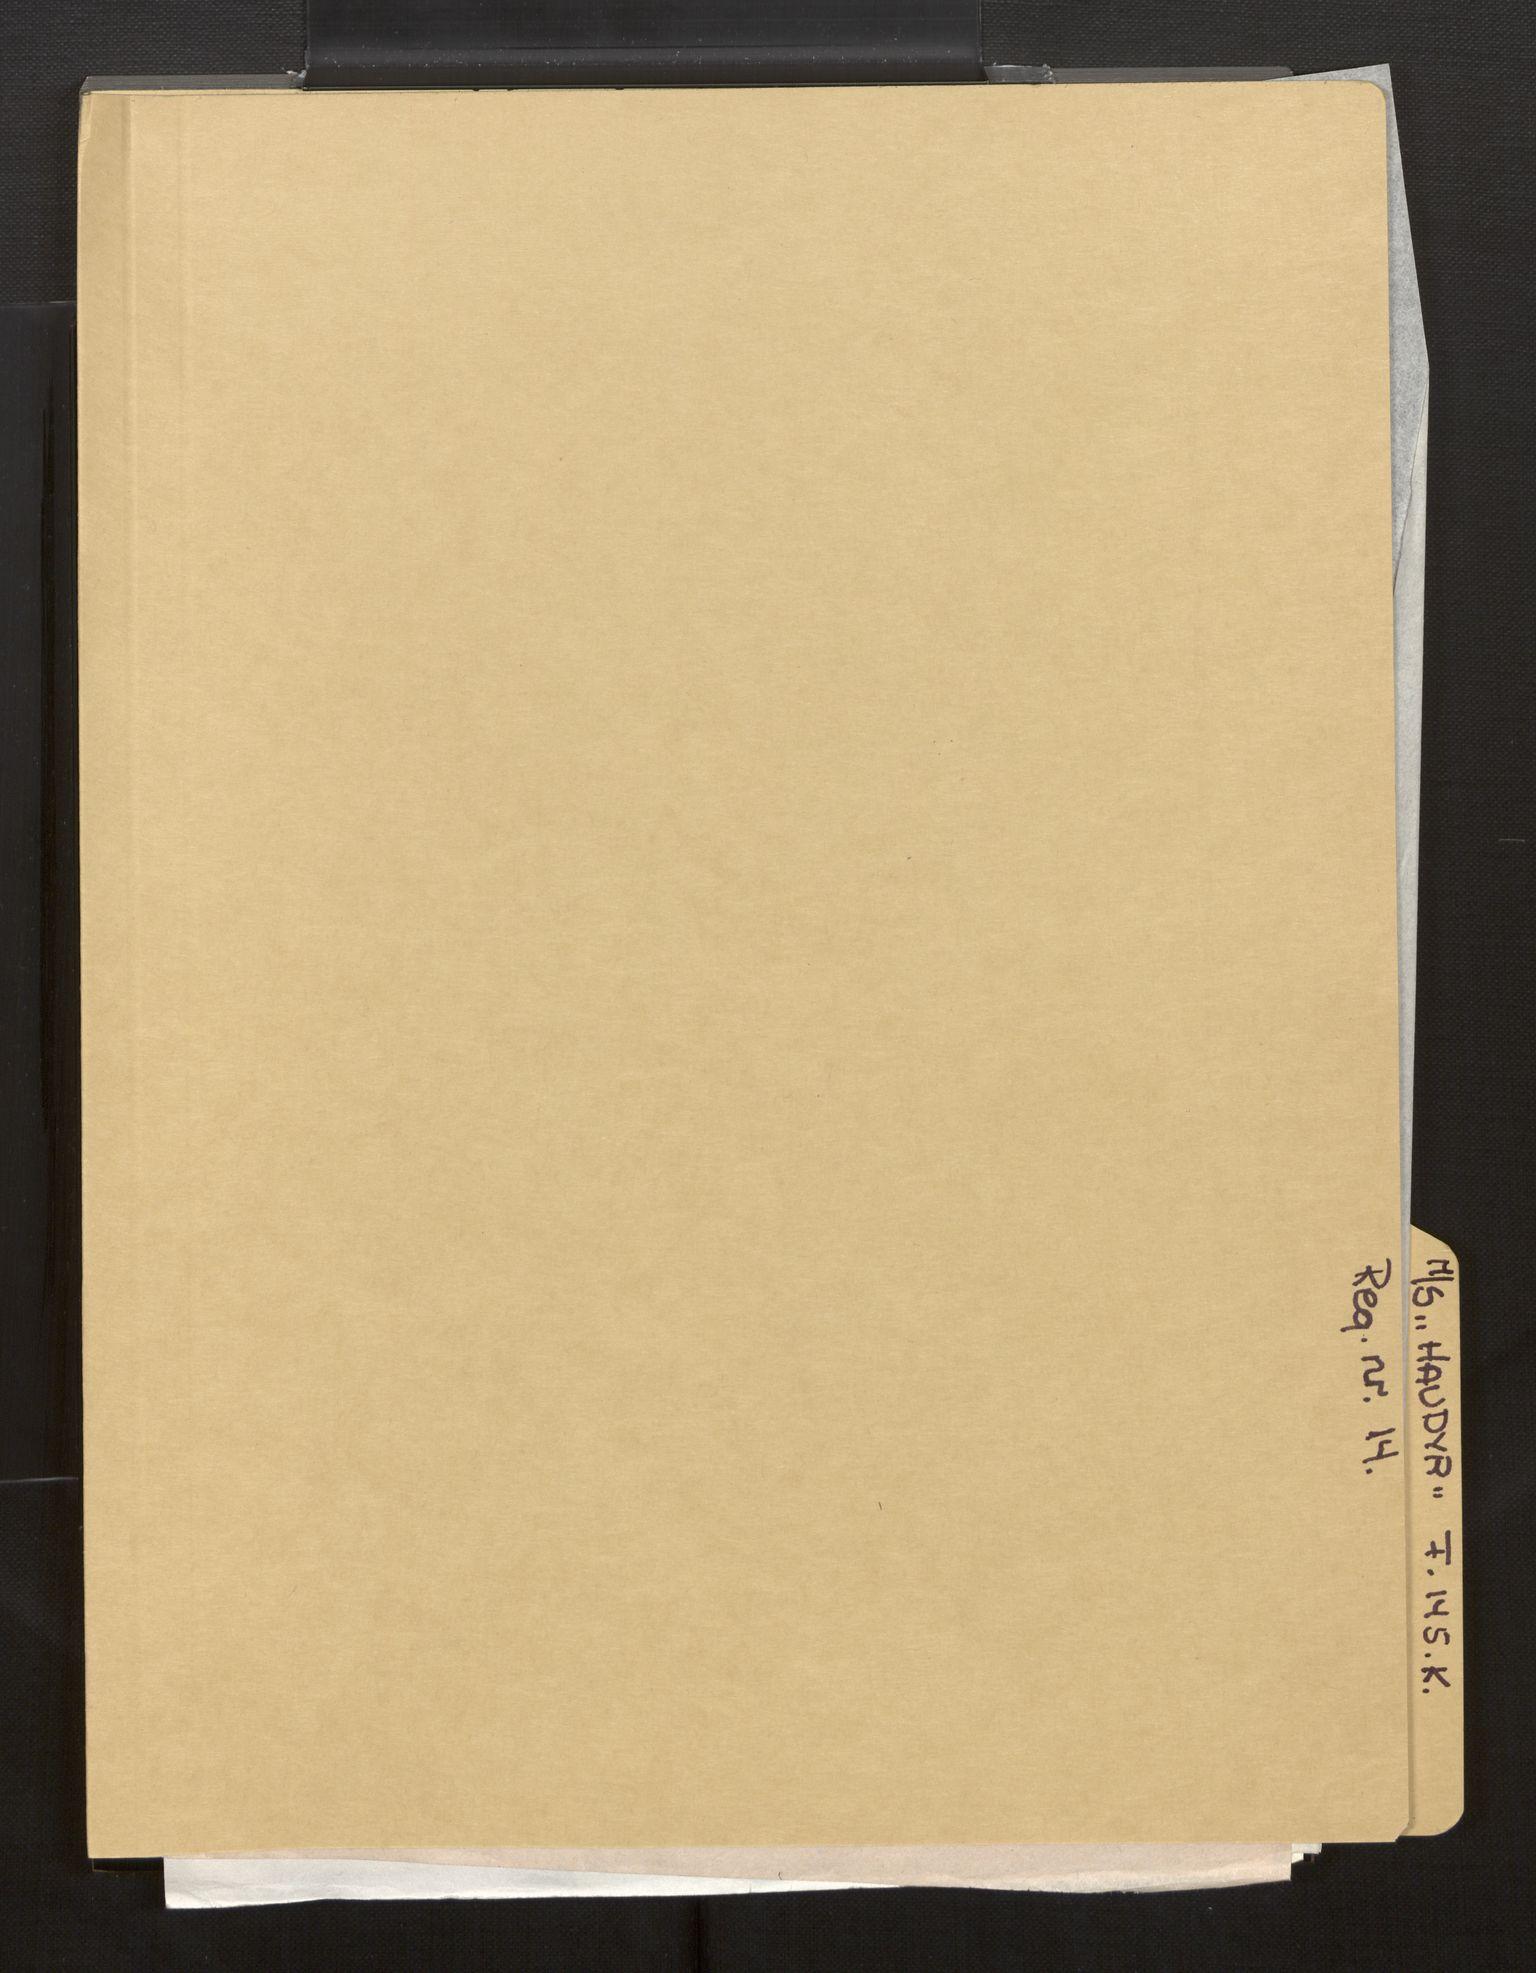 SAB, Fiskeridirektoratet - 1 Adm. ledelse - 13 Båtkontoret, La/L0042: Statens krigsforsikring for fiskeflåten, 1936-1971, p. 568